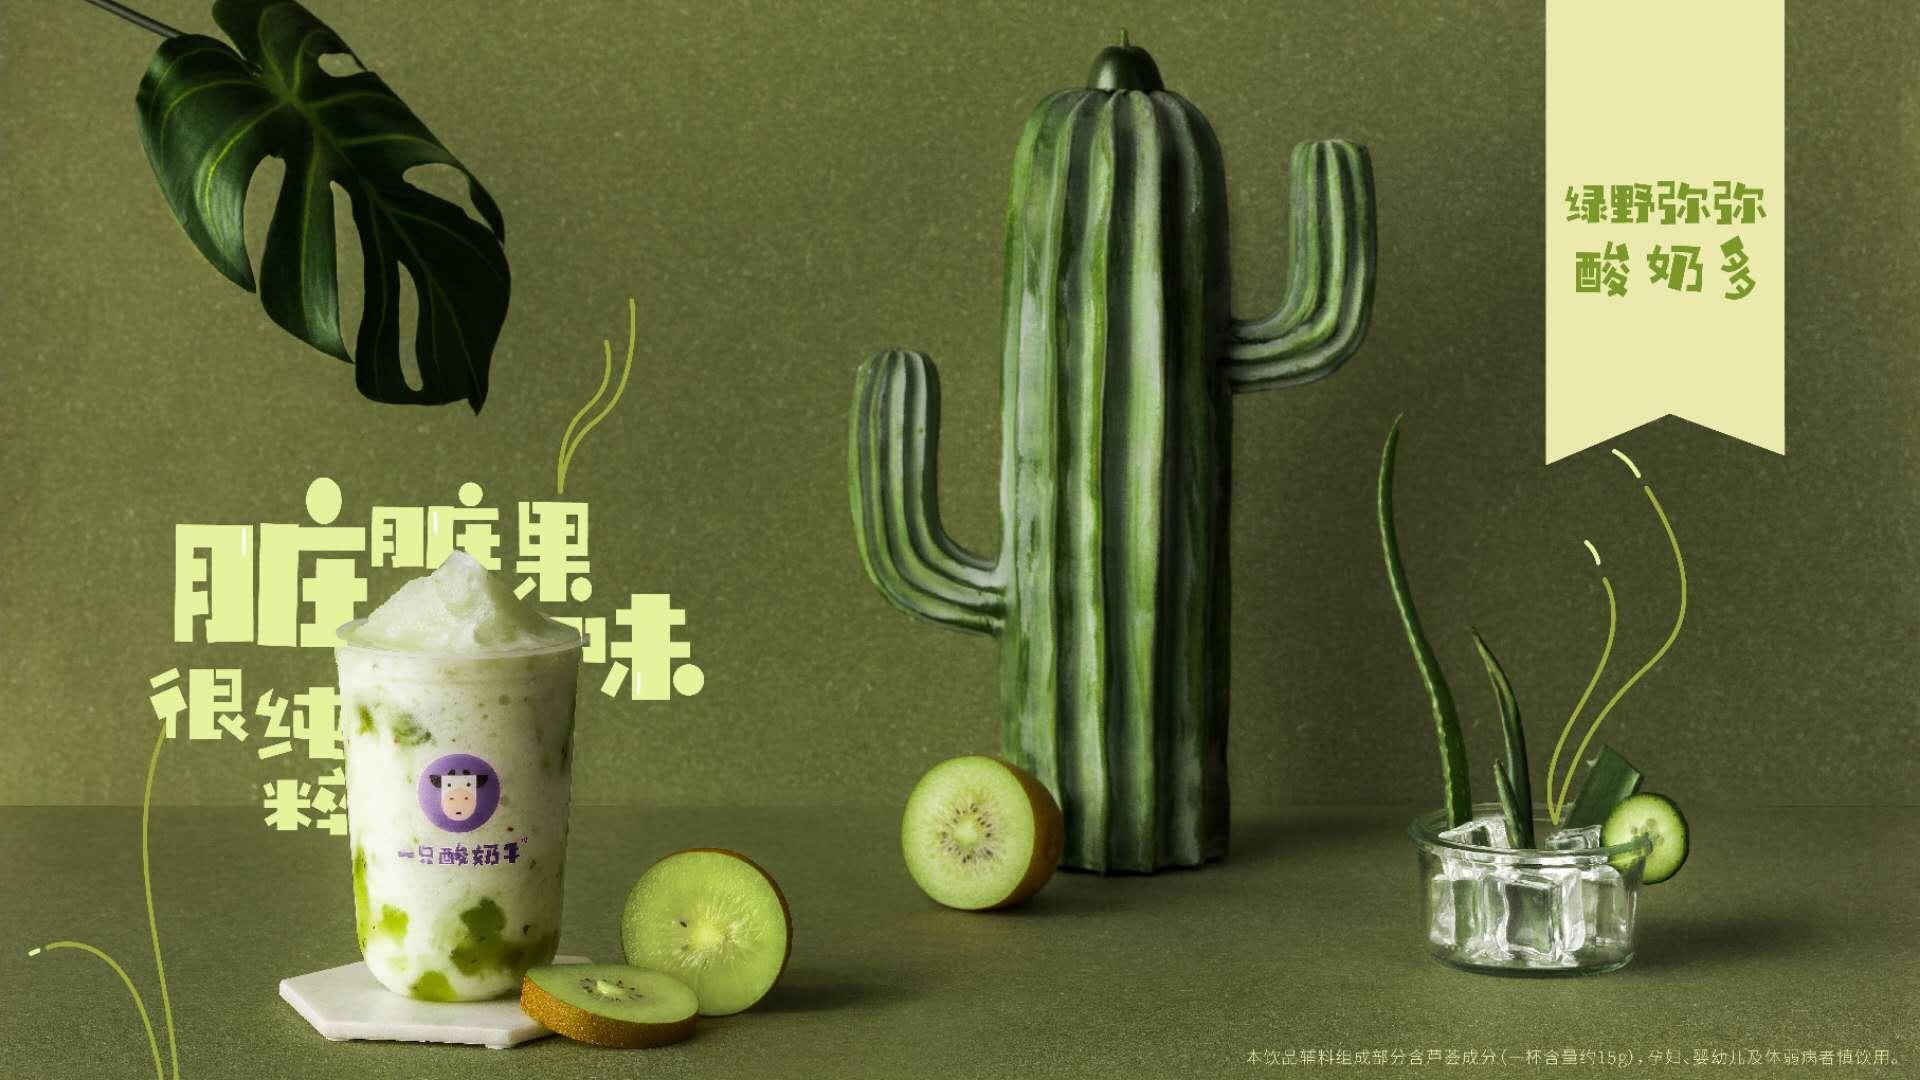 一只酸奶牛产品8